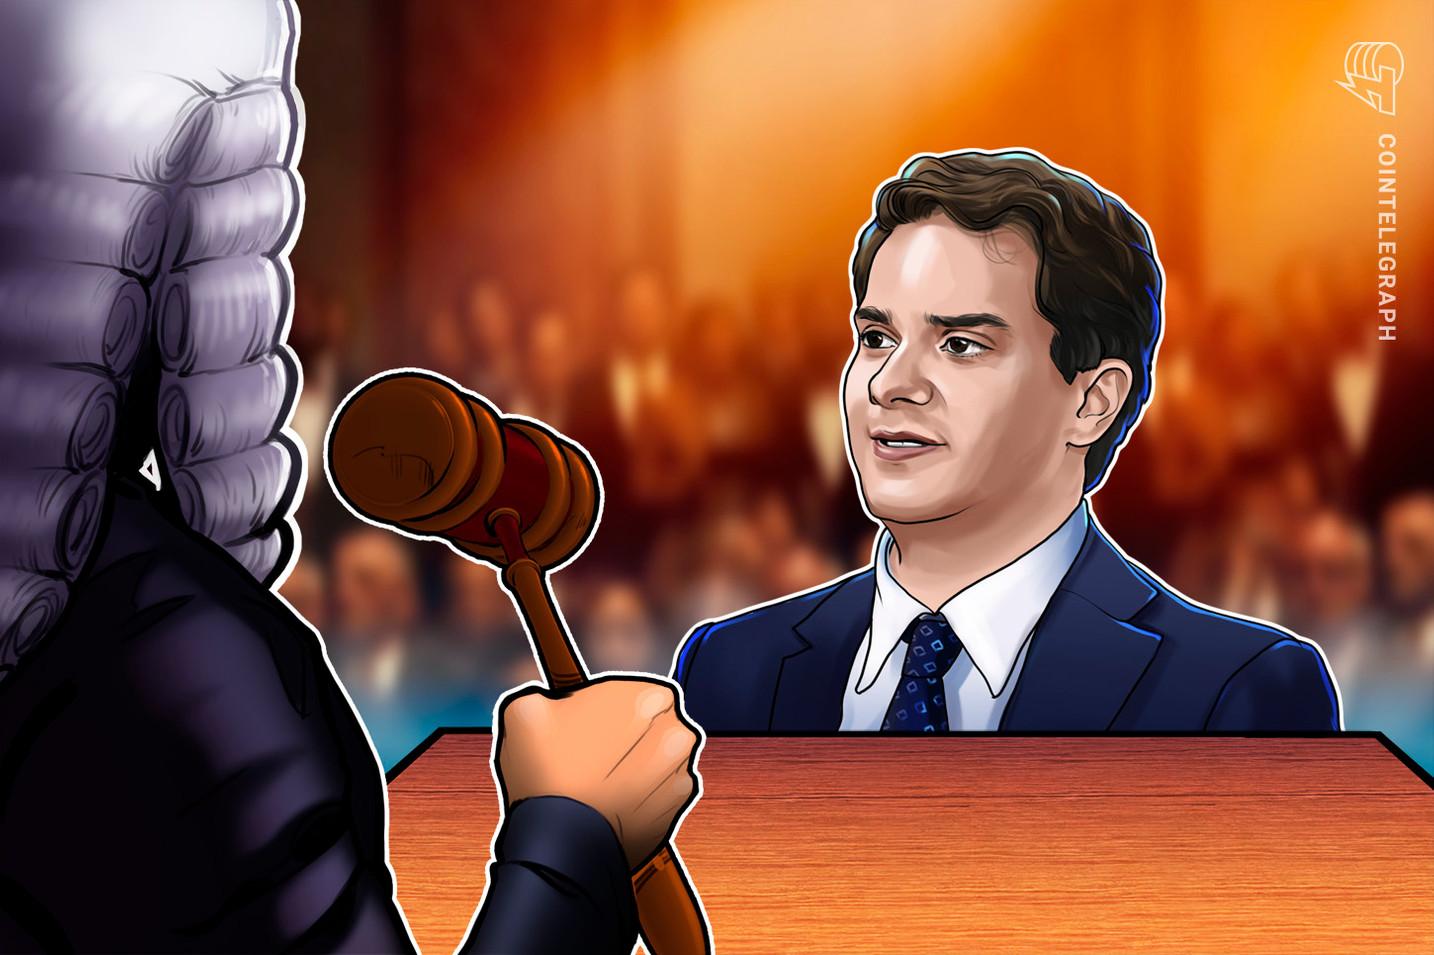 Juez: el CEO de Mt. Gox, Mark Karpeles, debe enfrentar una demanda colectiva en EE. UU.